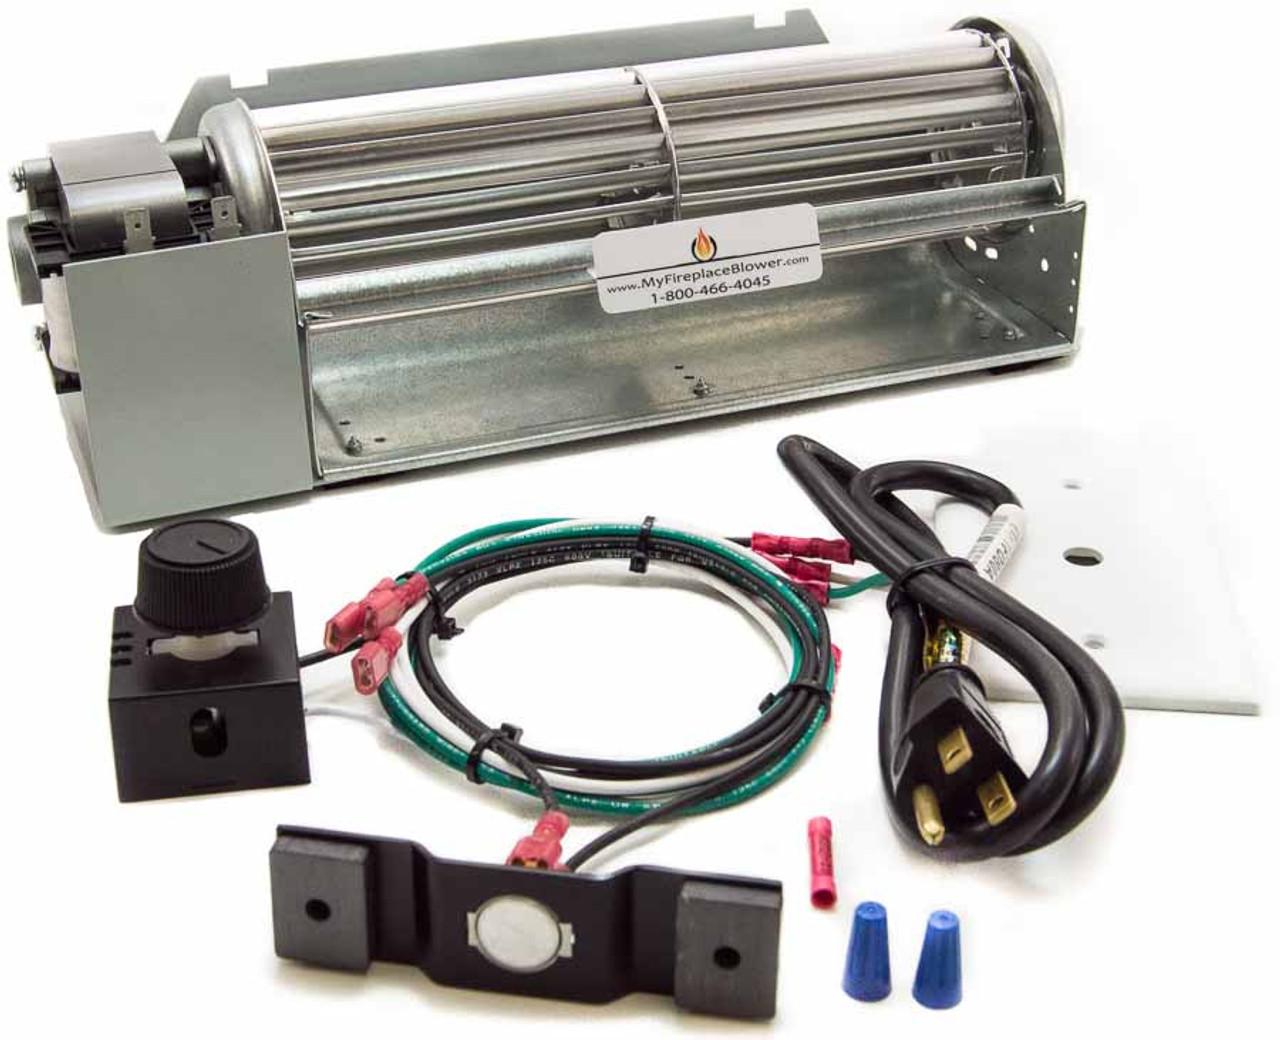 medium resolution of fbk 250 blower kit superior fireplace blower fireplace blowerfbk 250 fireplace blower kit for superior model